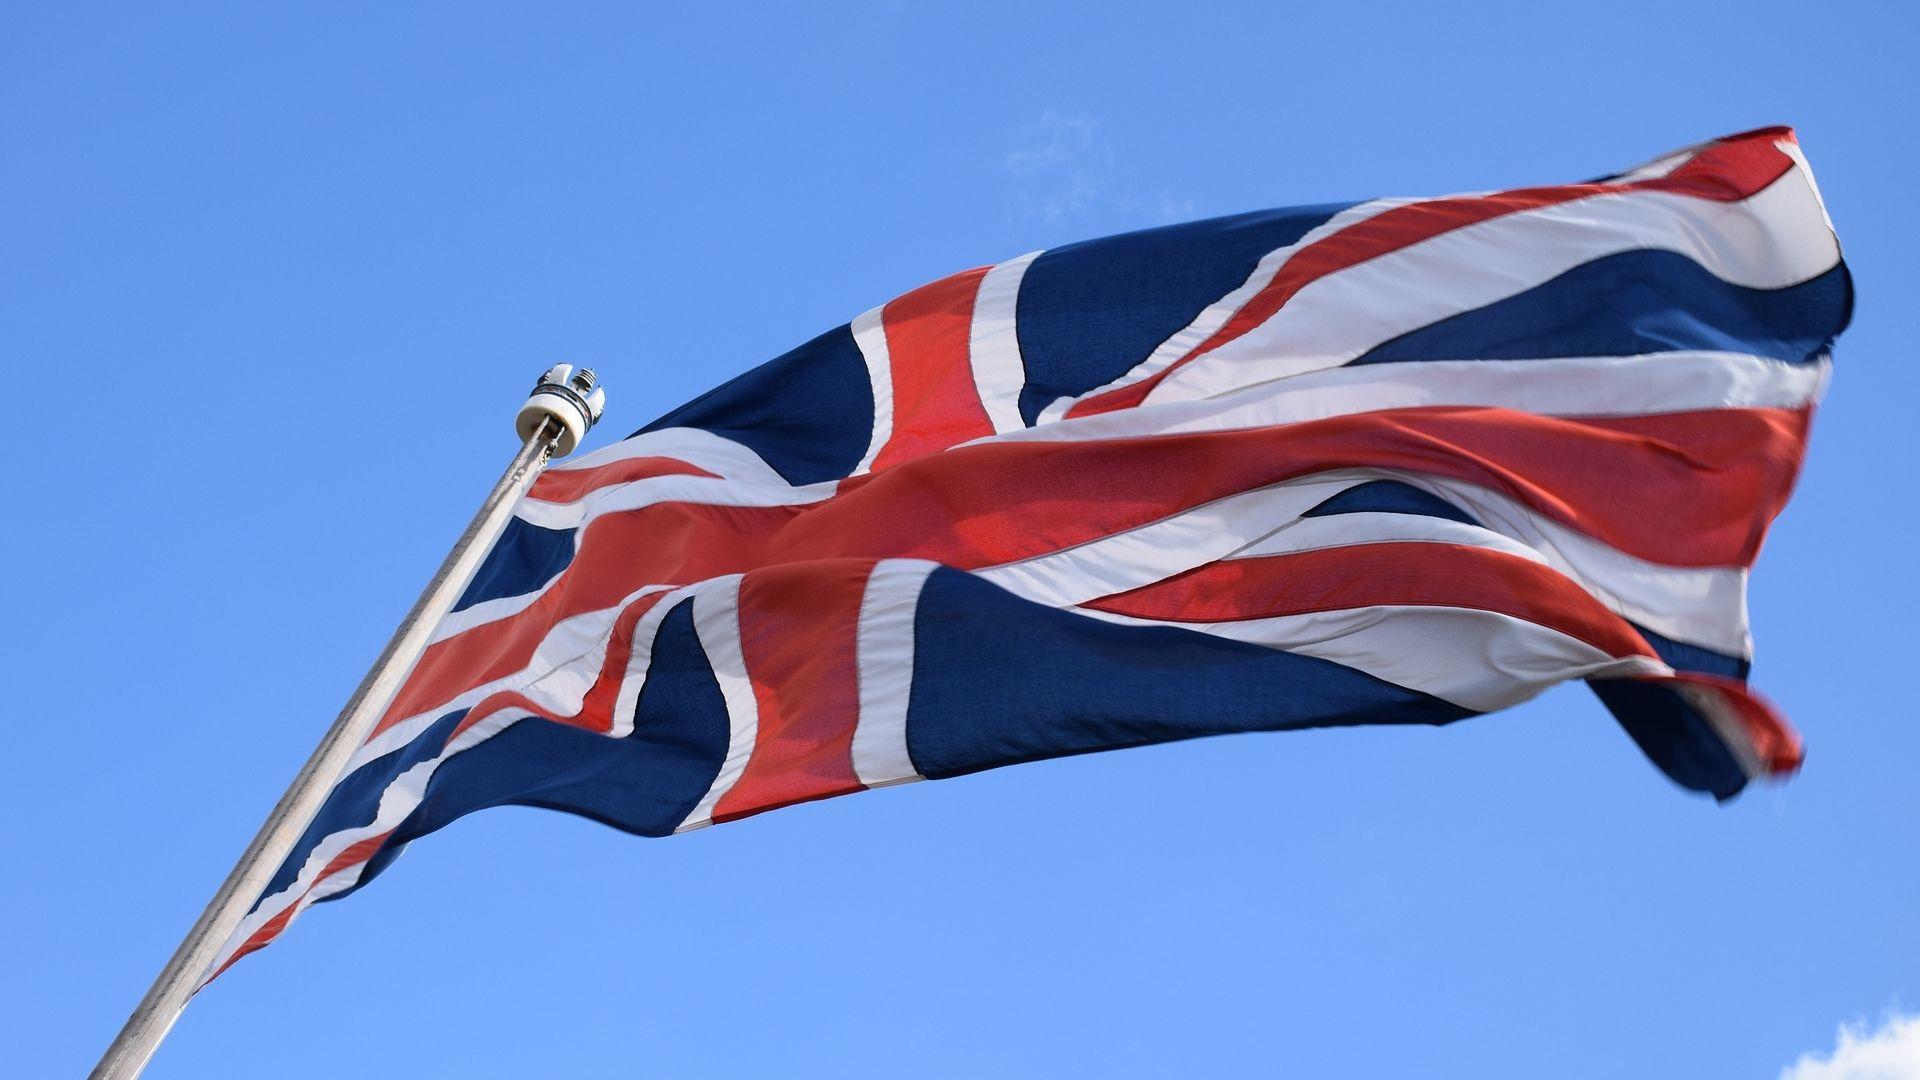 Trasporti internazionali. Gran Bretagna nuove formalita richieste agli autisti di imprese estere dovute allemergenza COVID 19.